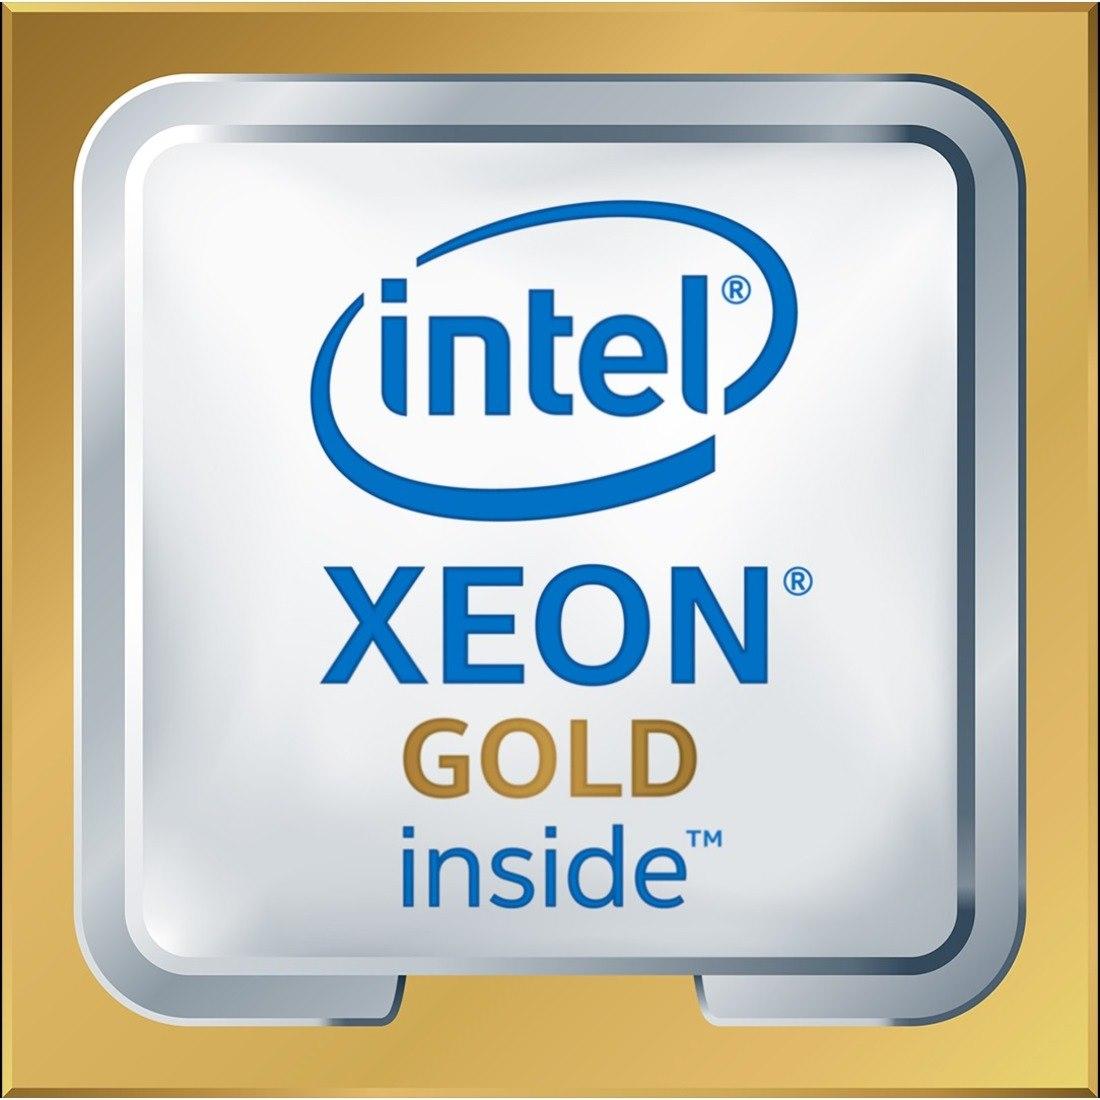 Cisco Intel Xeon 6148 Icosa-core (20 Core) 2.40 GHz Processor Upgrade